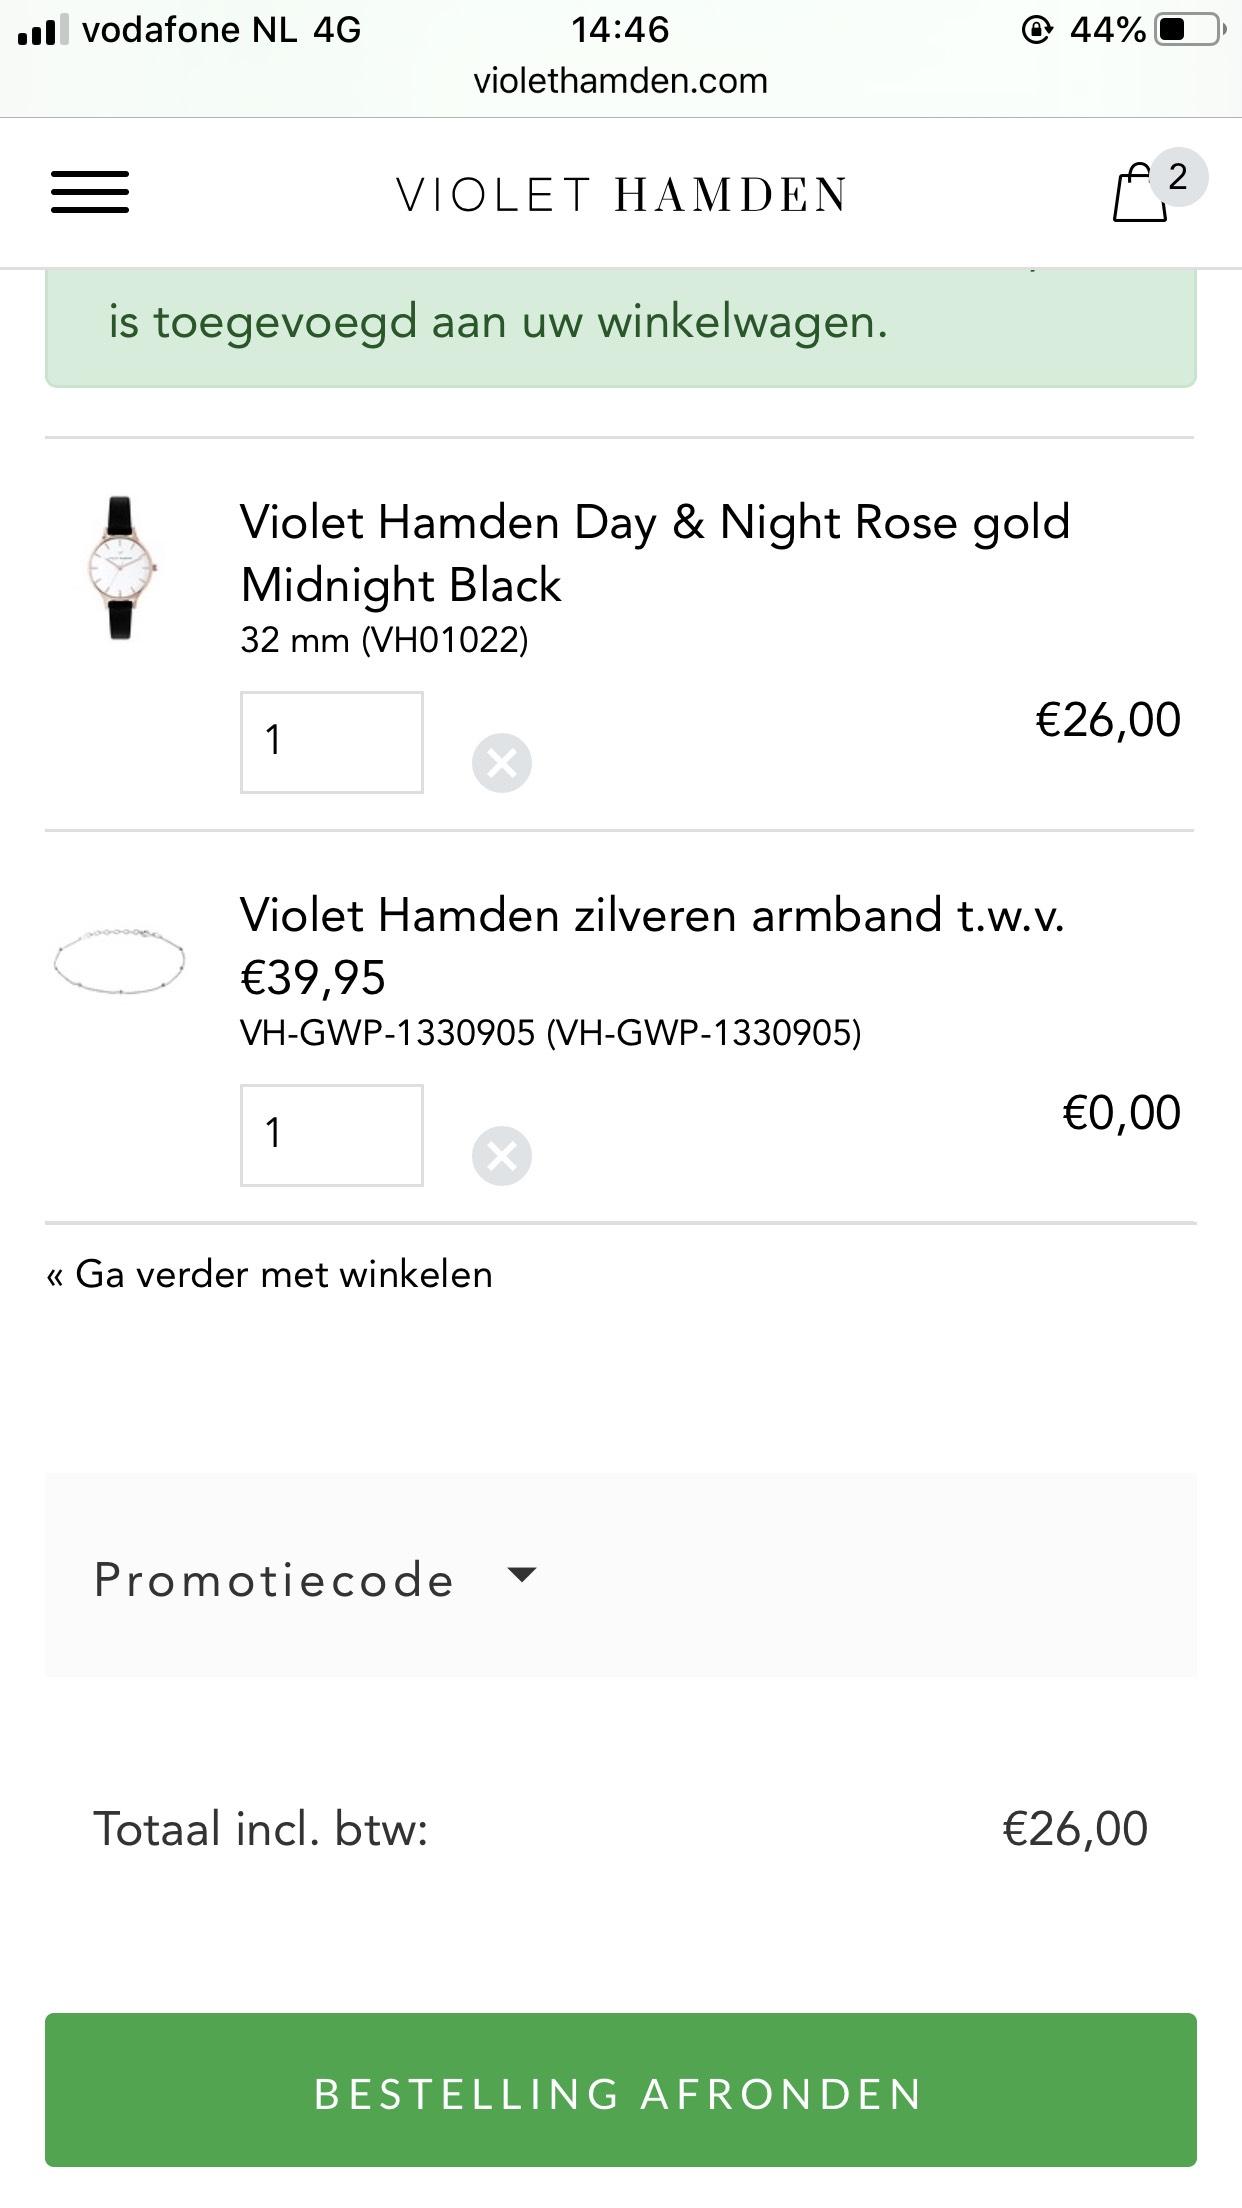 Violet hamden horloge twv €90 + armbandje twv €40 voor €26